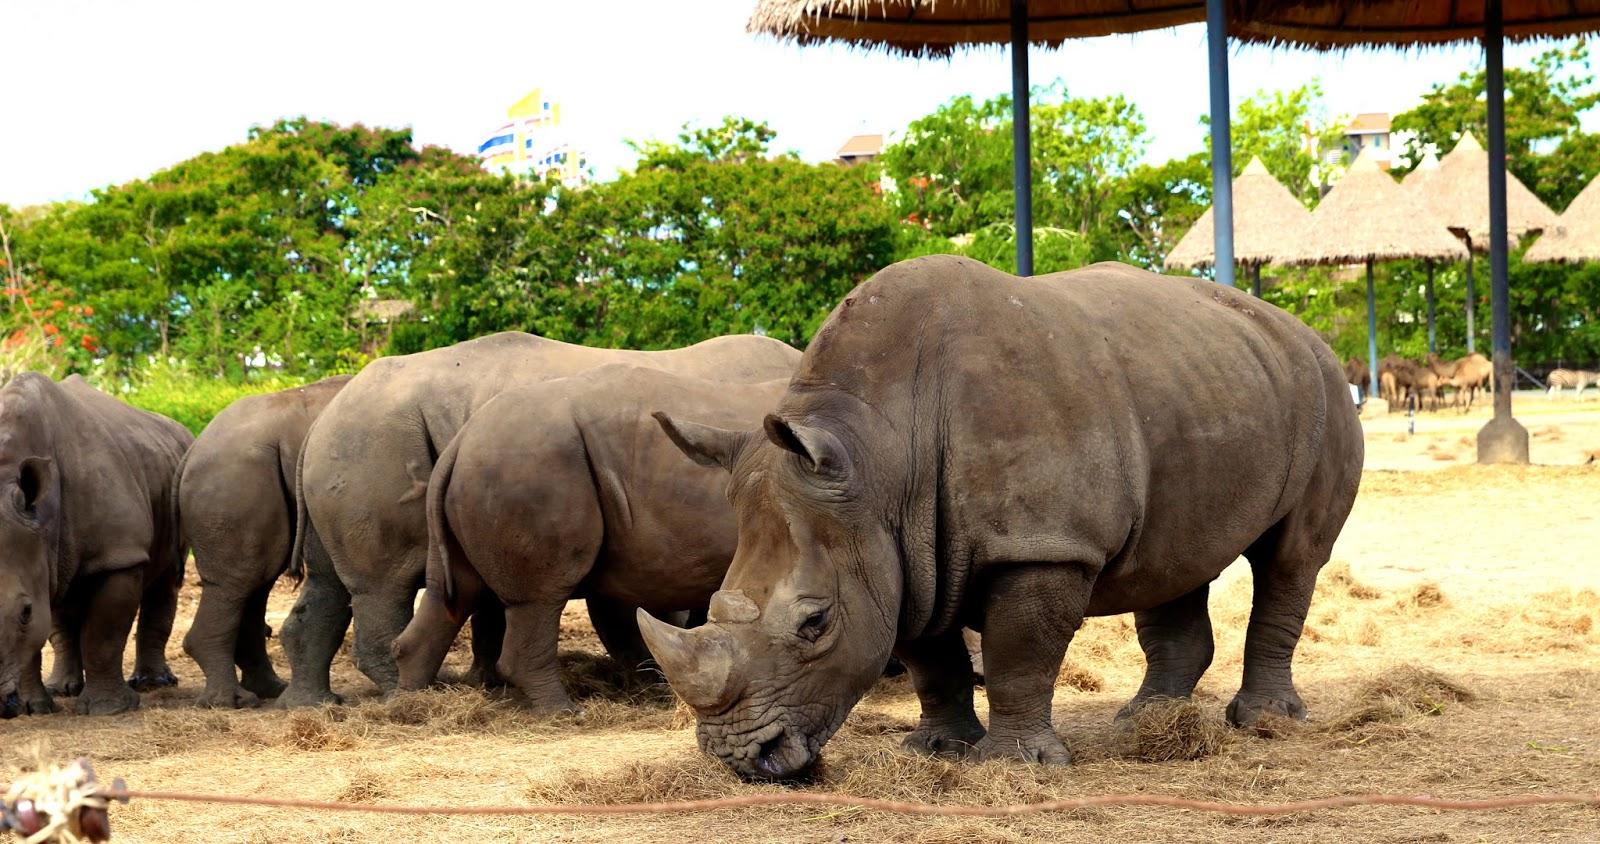 Rhinos at Safari World Bangkok